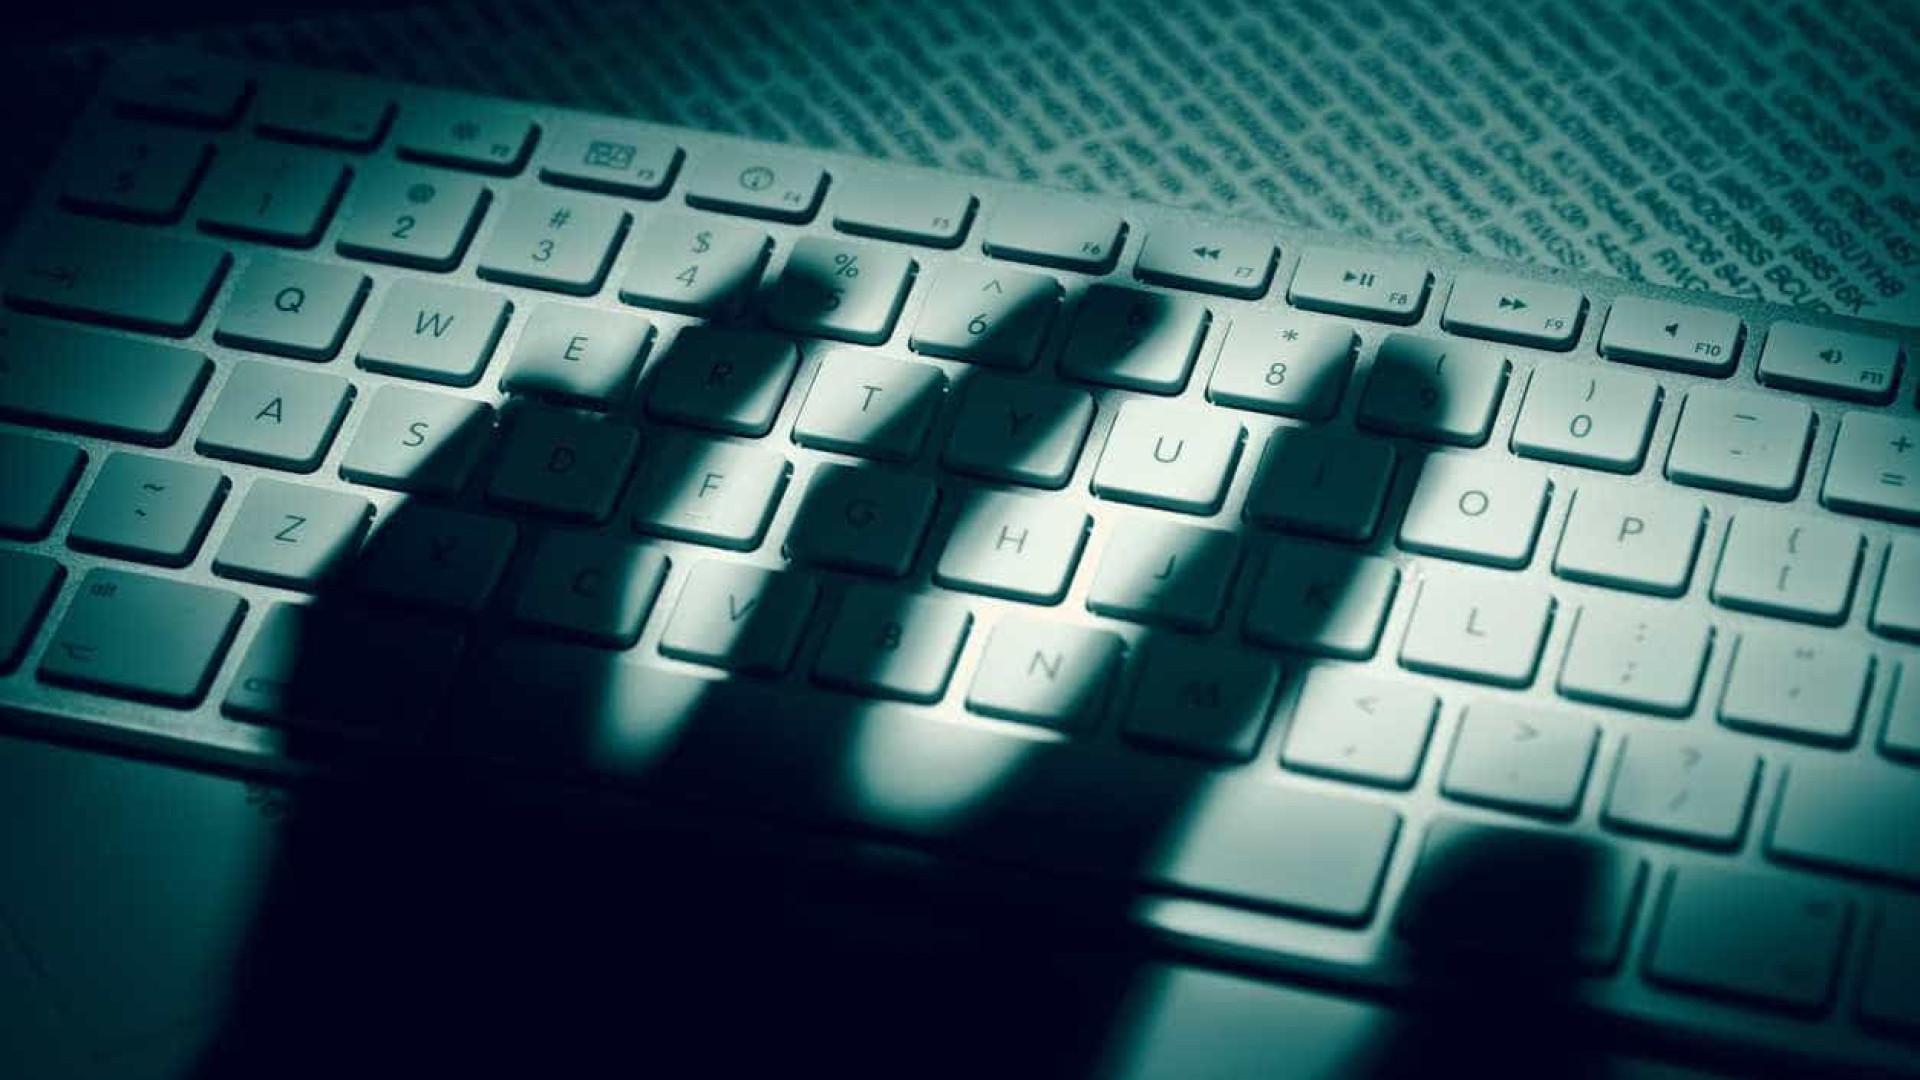 Suspeito de roubar e-mails do Benfica detido. Um passo para a verdade?